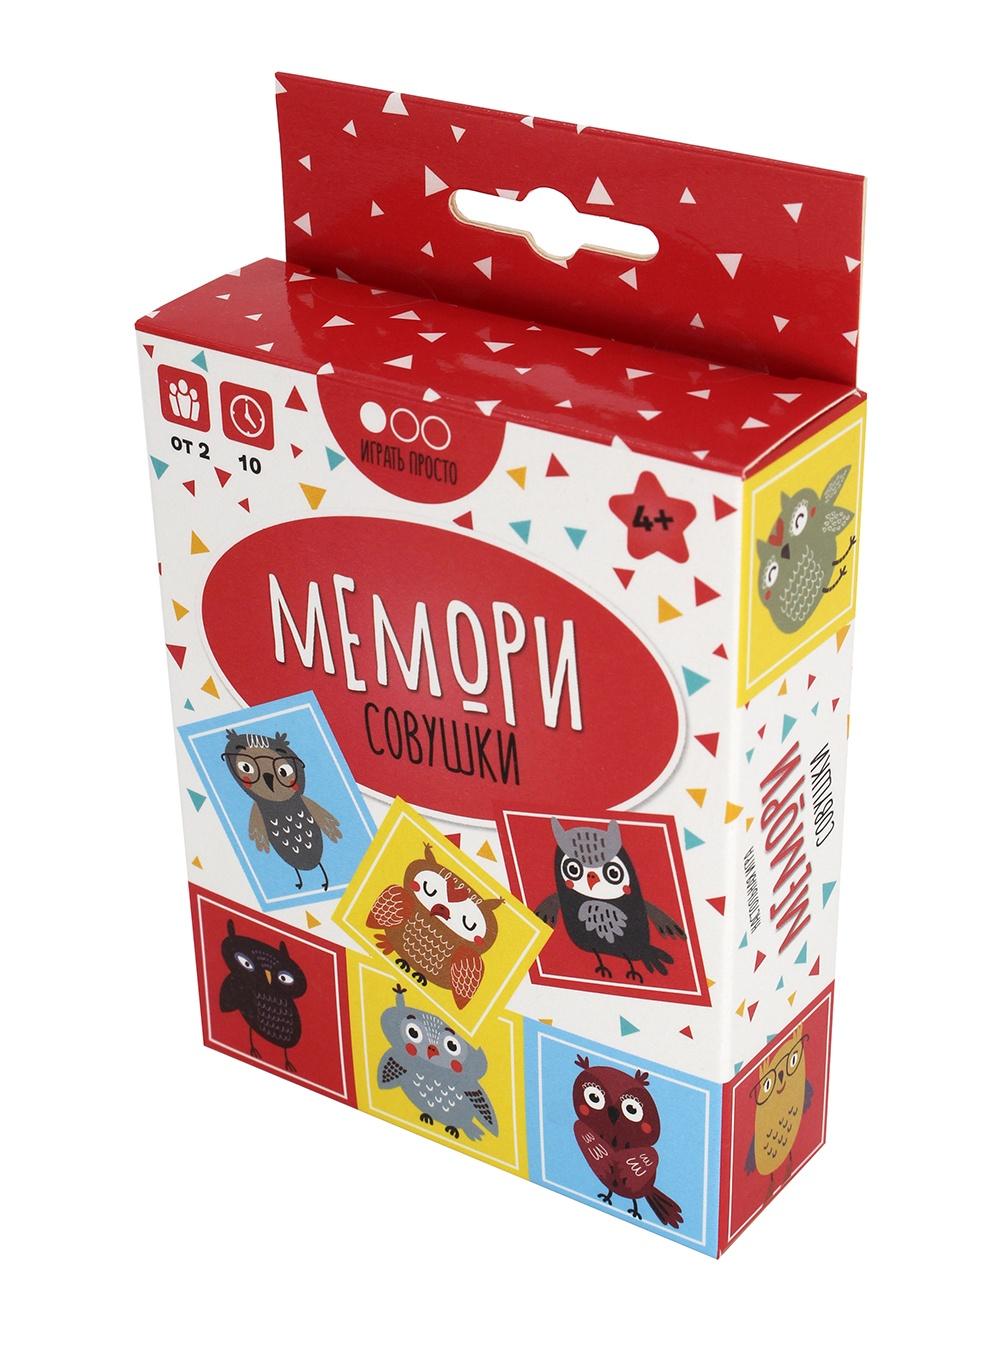 Настольная игра Muravey Games Мемори Совушки, ТК007 анданте мемо обучающая игра найди пару формы и цвета 24 фишки